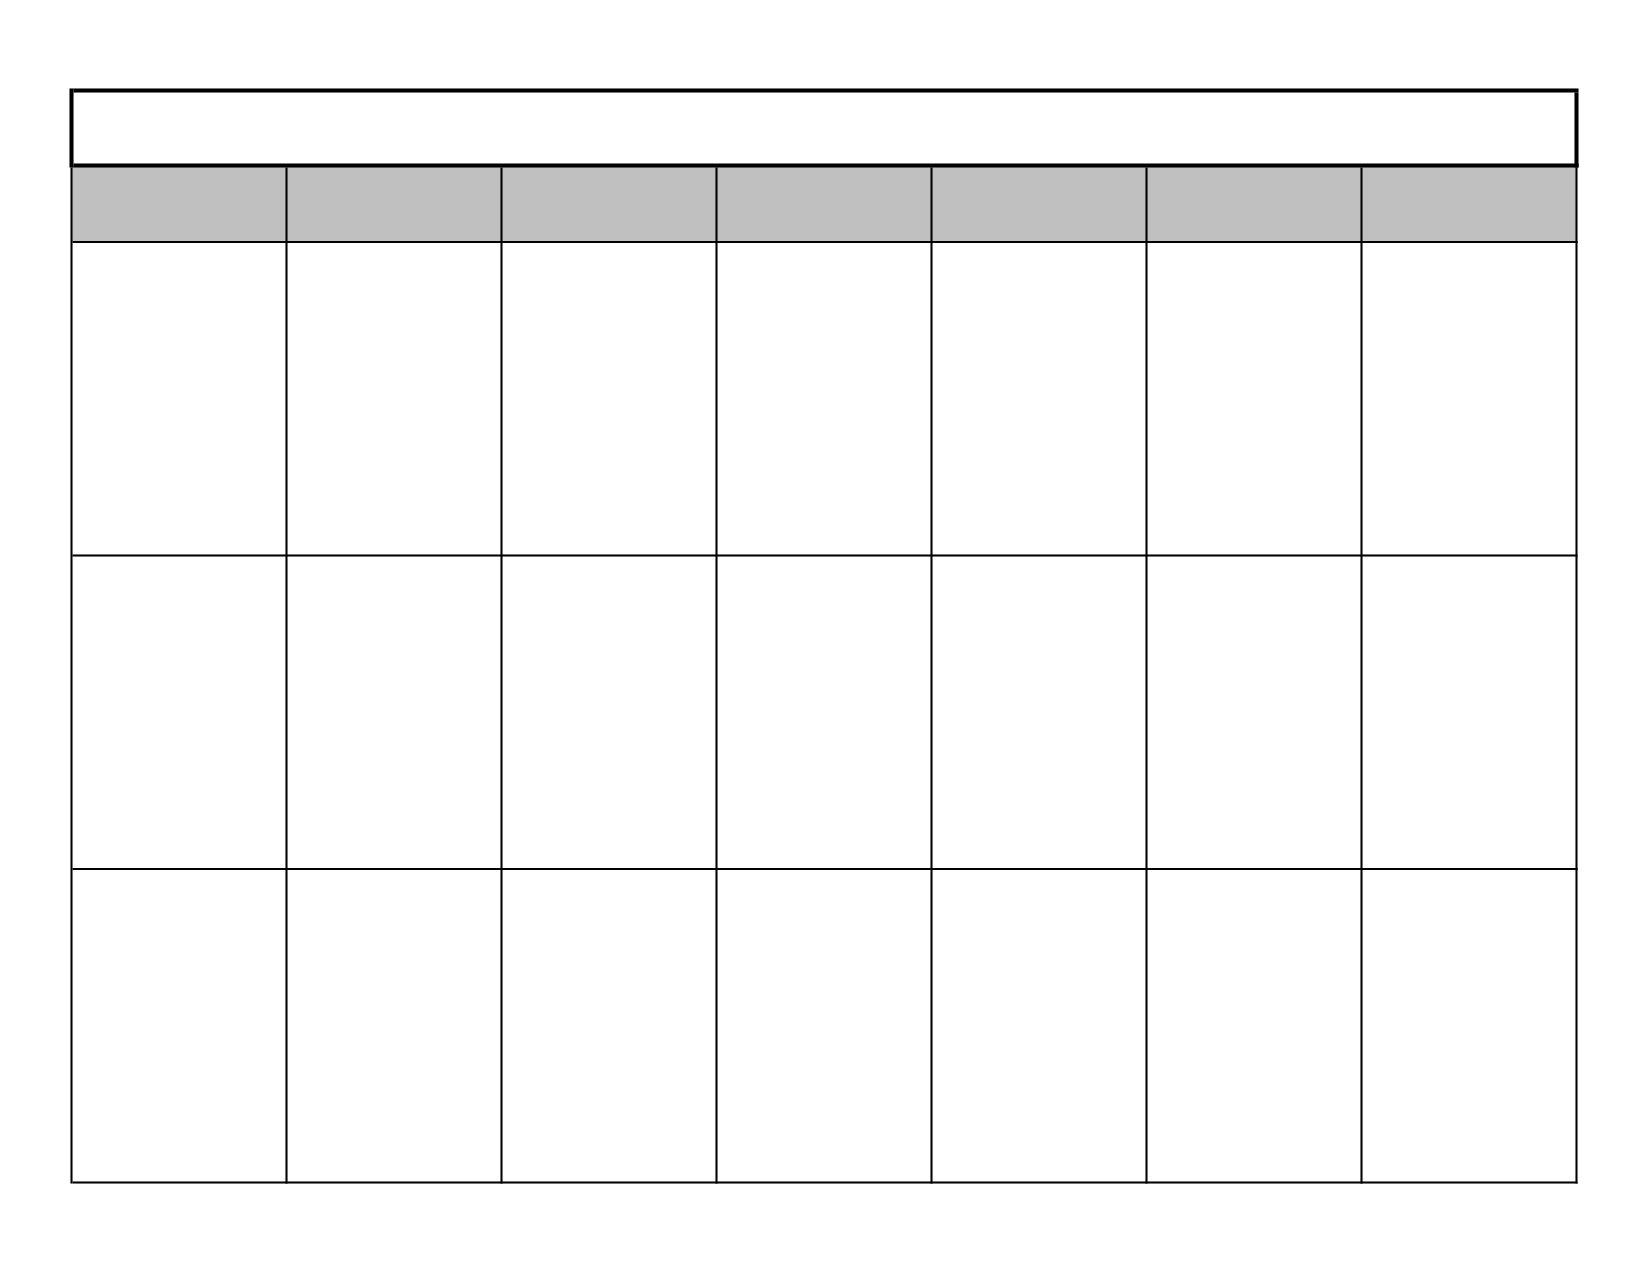 018 Template Ideas Two Week Calendar Printable Month Awesome inside Printable Two Week Calendar Template